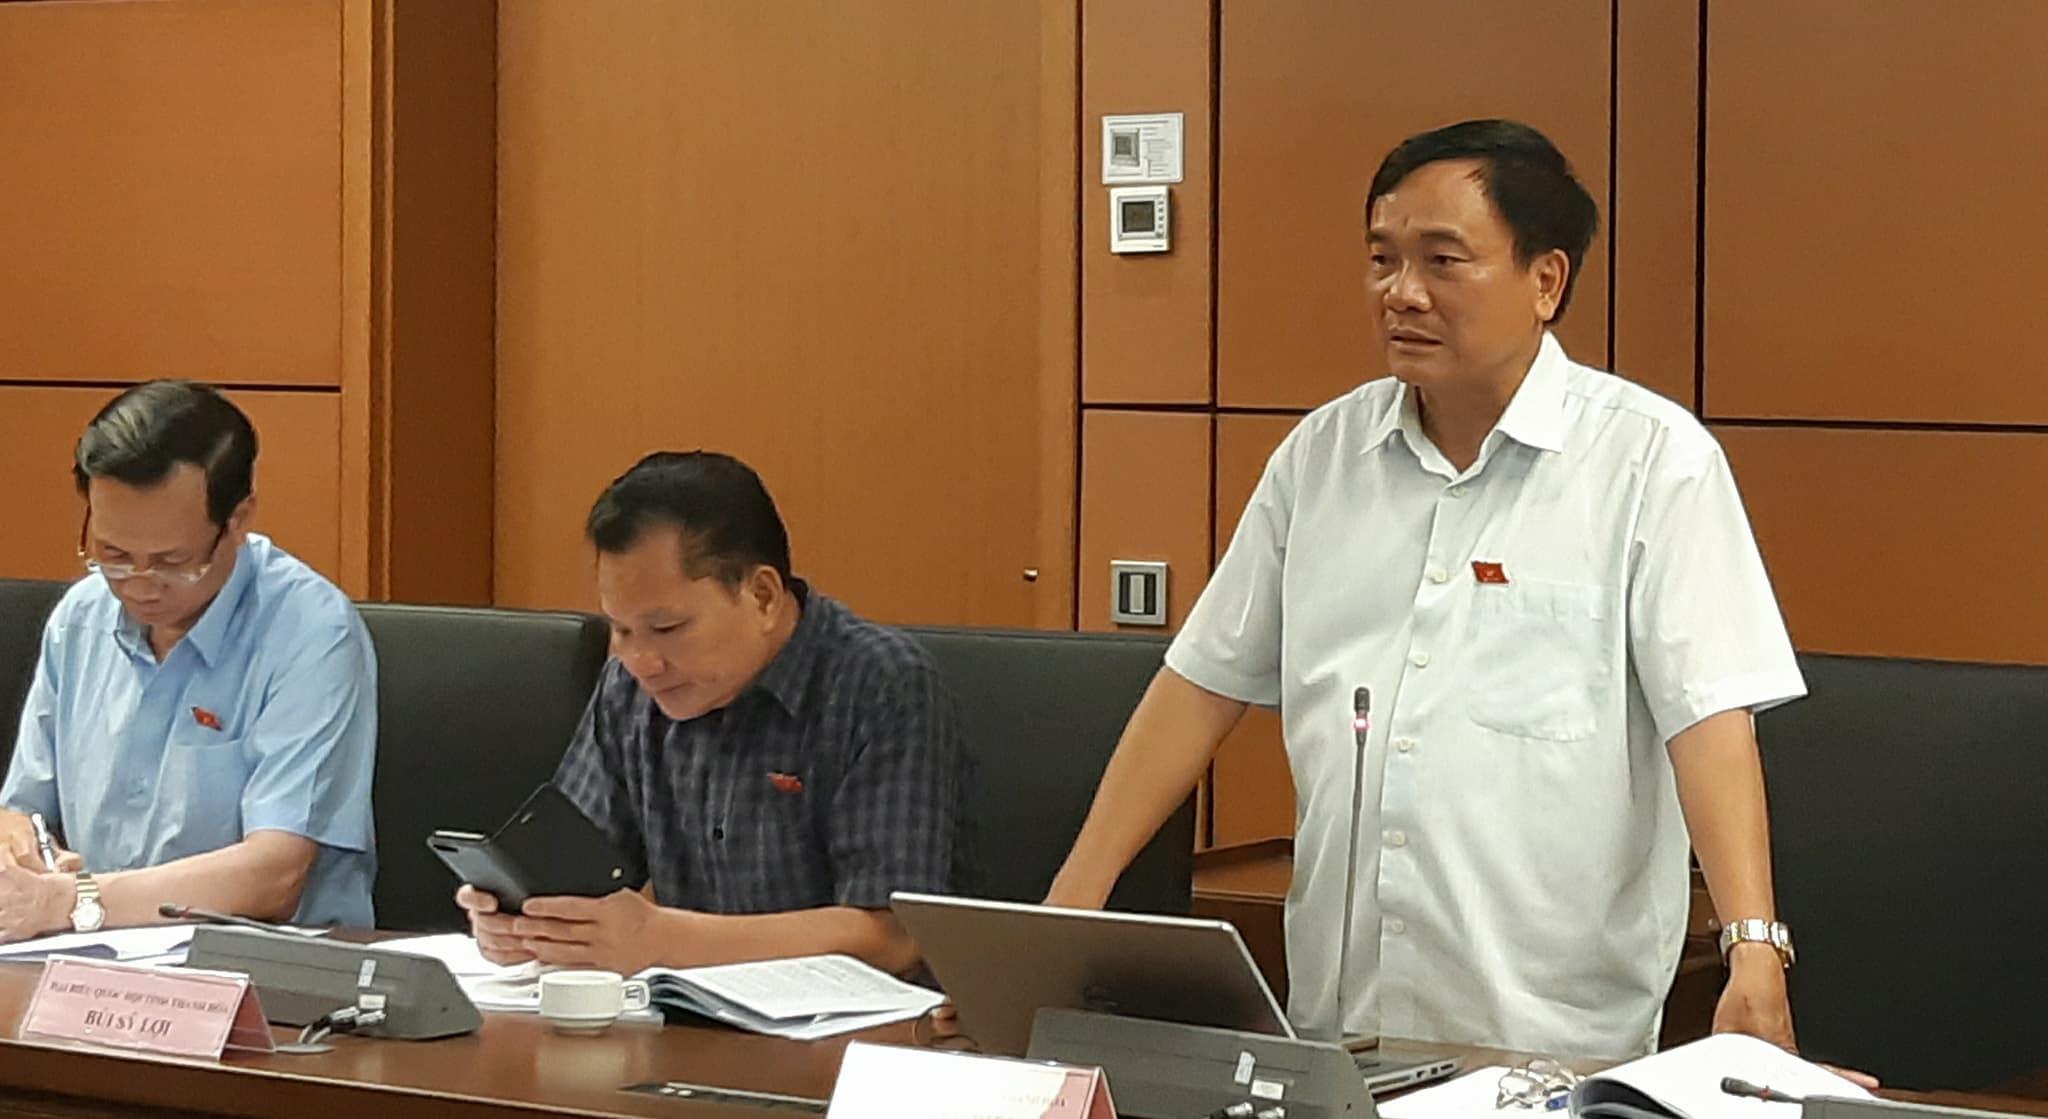 tham nhũng,Lưu Bình Nhưỡng,kê khai tài sản,chống tham nhũng